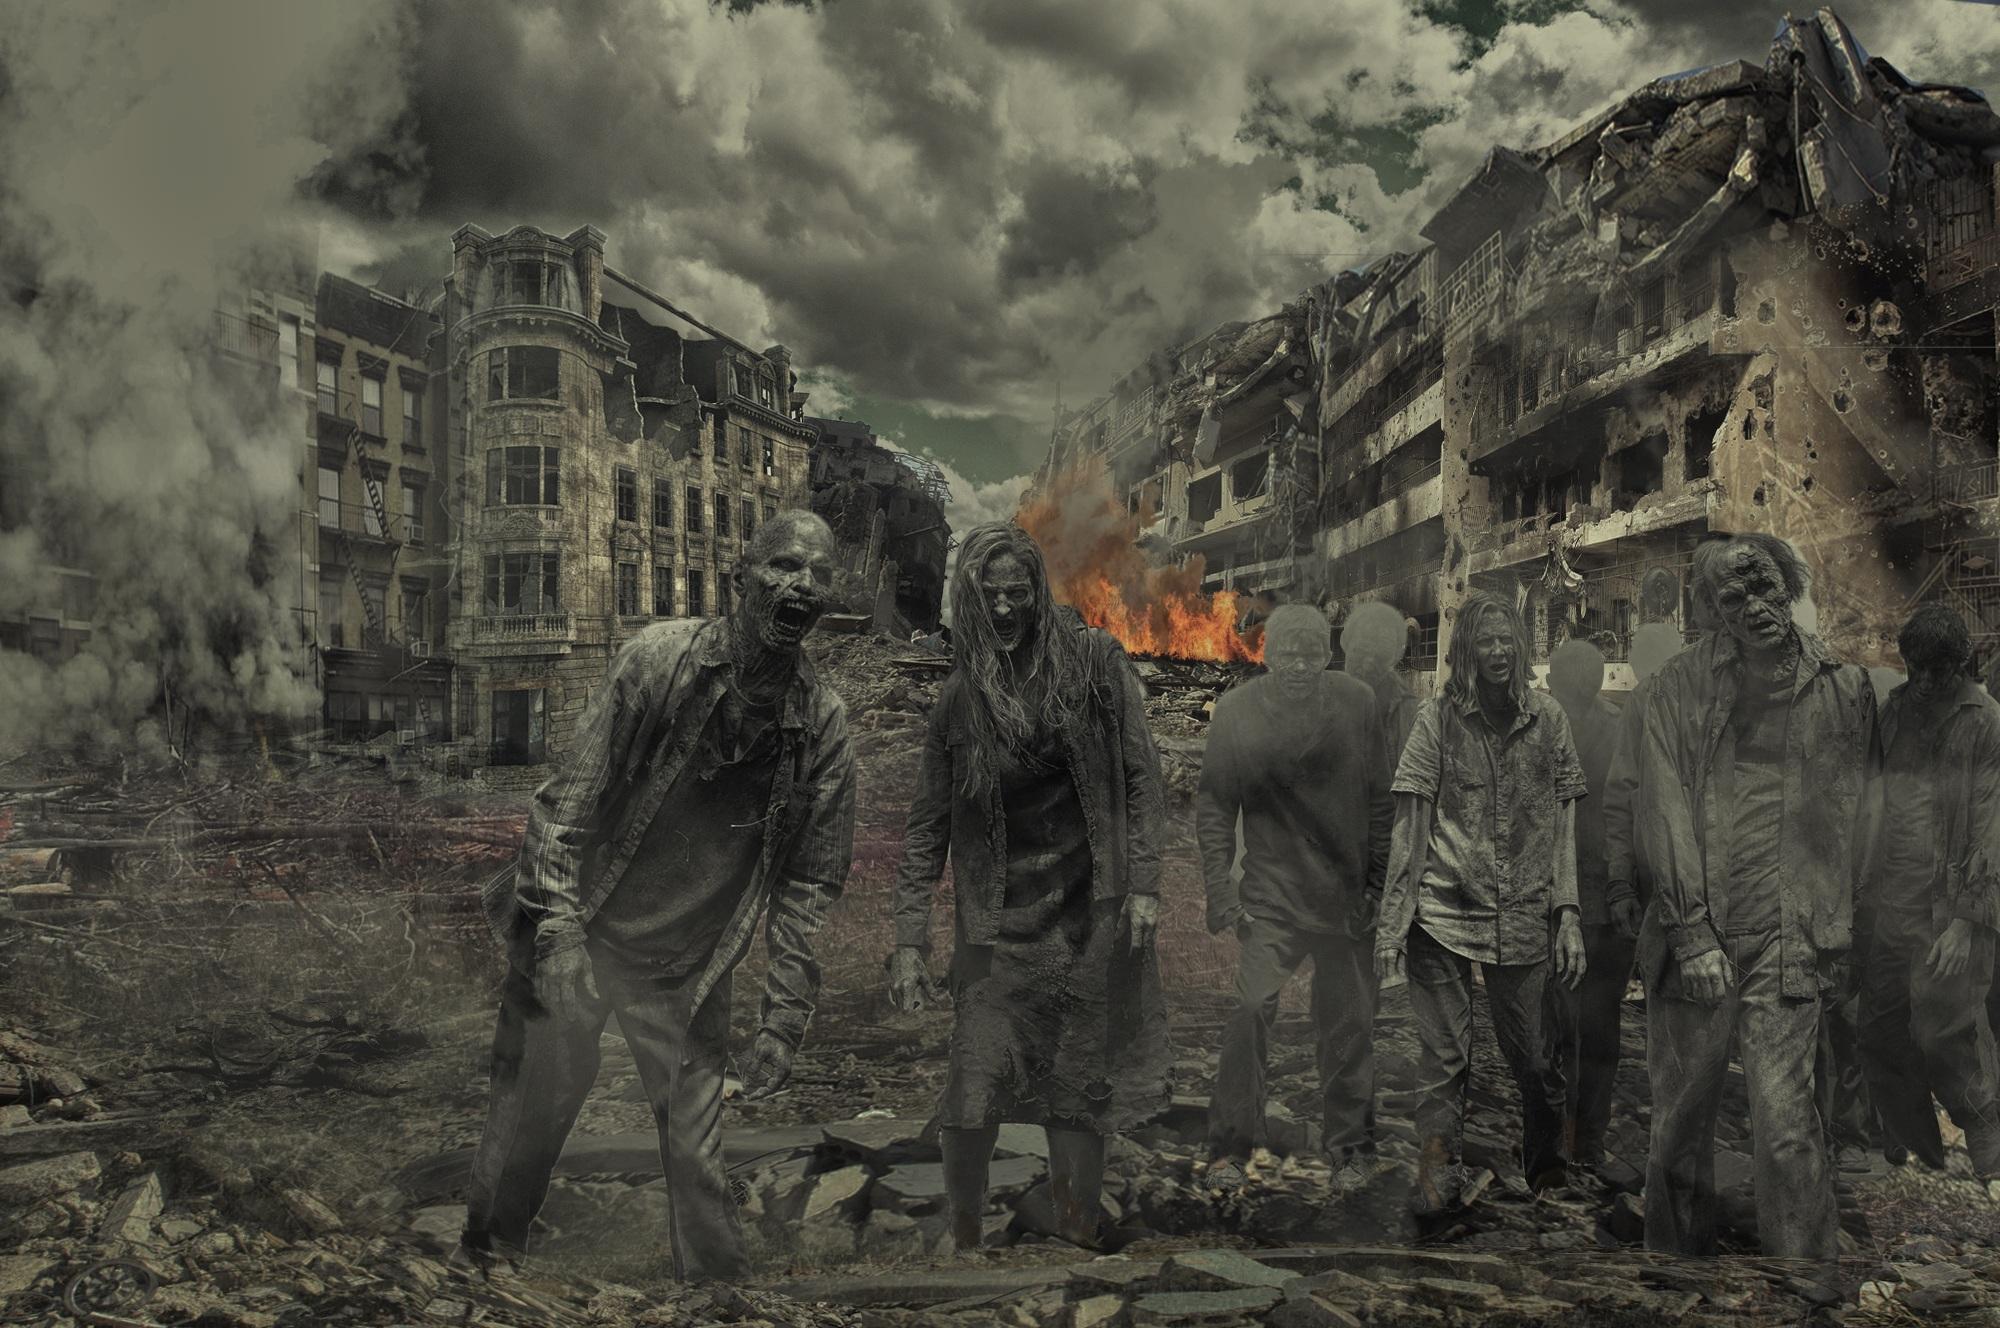 картинки города зомби апокалипсис для хотя красный пушистый